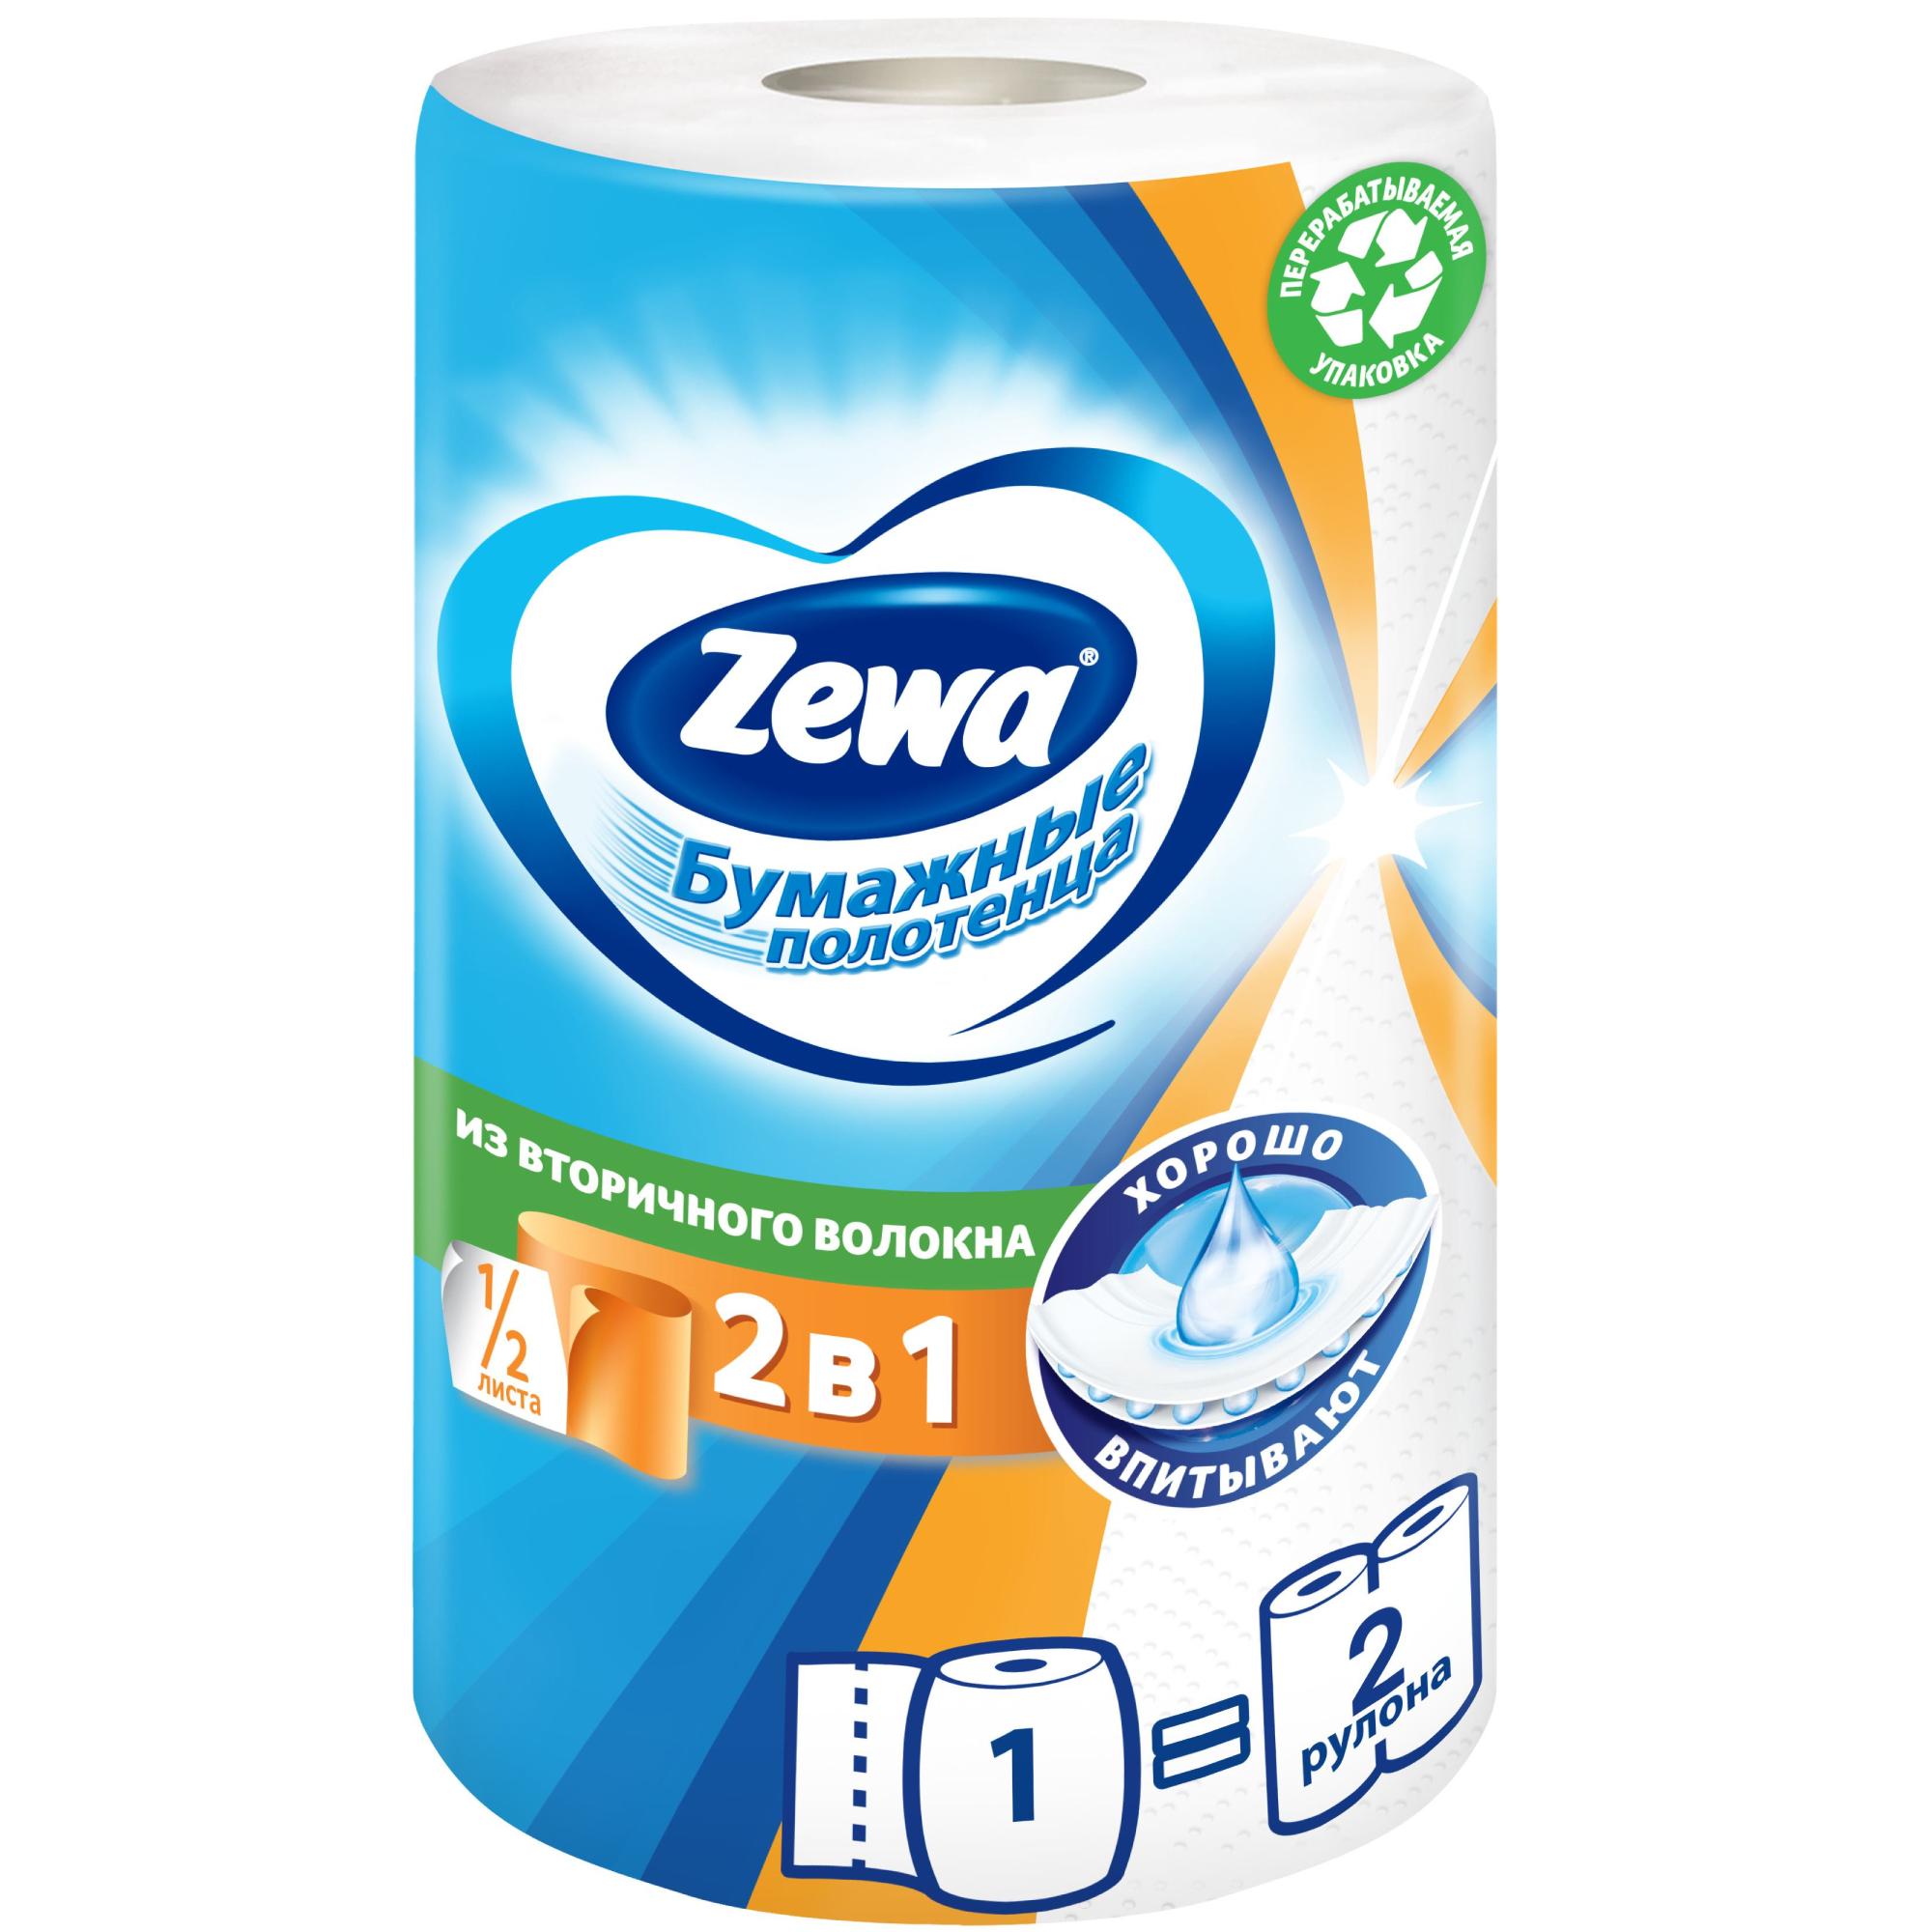 Фото - Бумажные полотенца Zewa 2в1, 1 рулон полотенца бумажные zewa premium 2 слоя 2 рулона